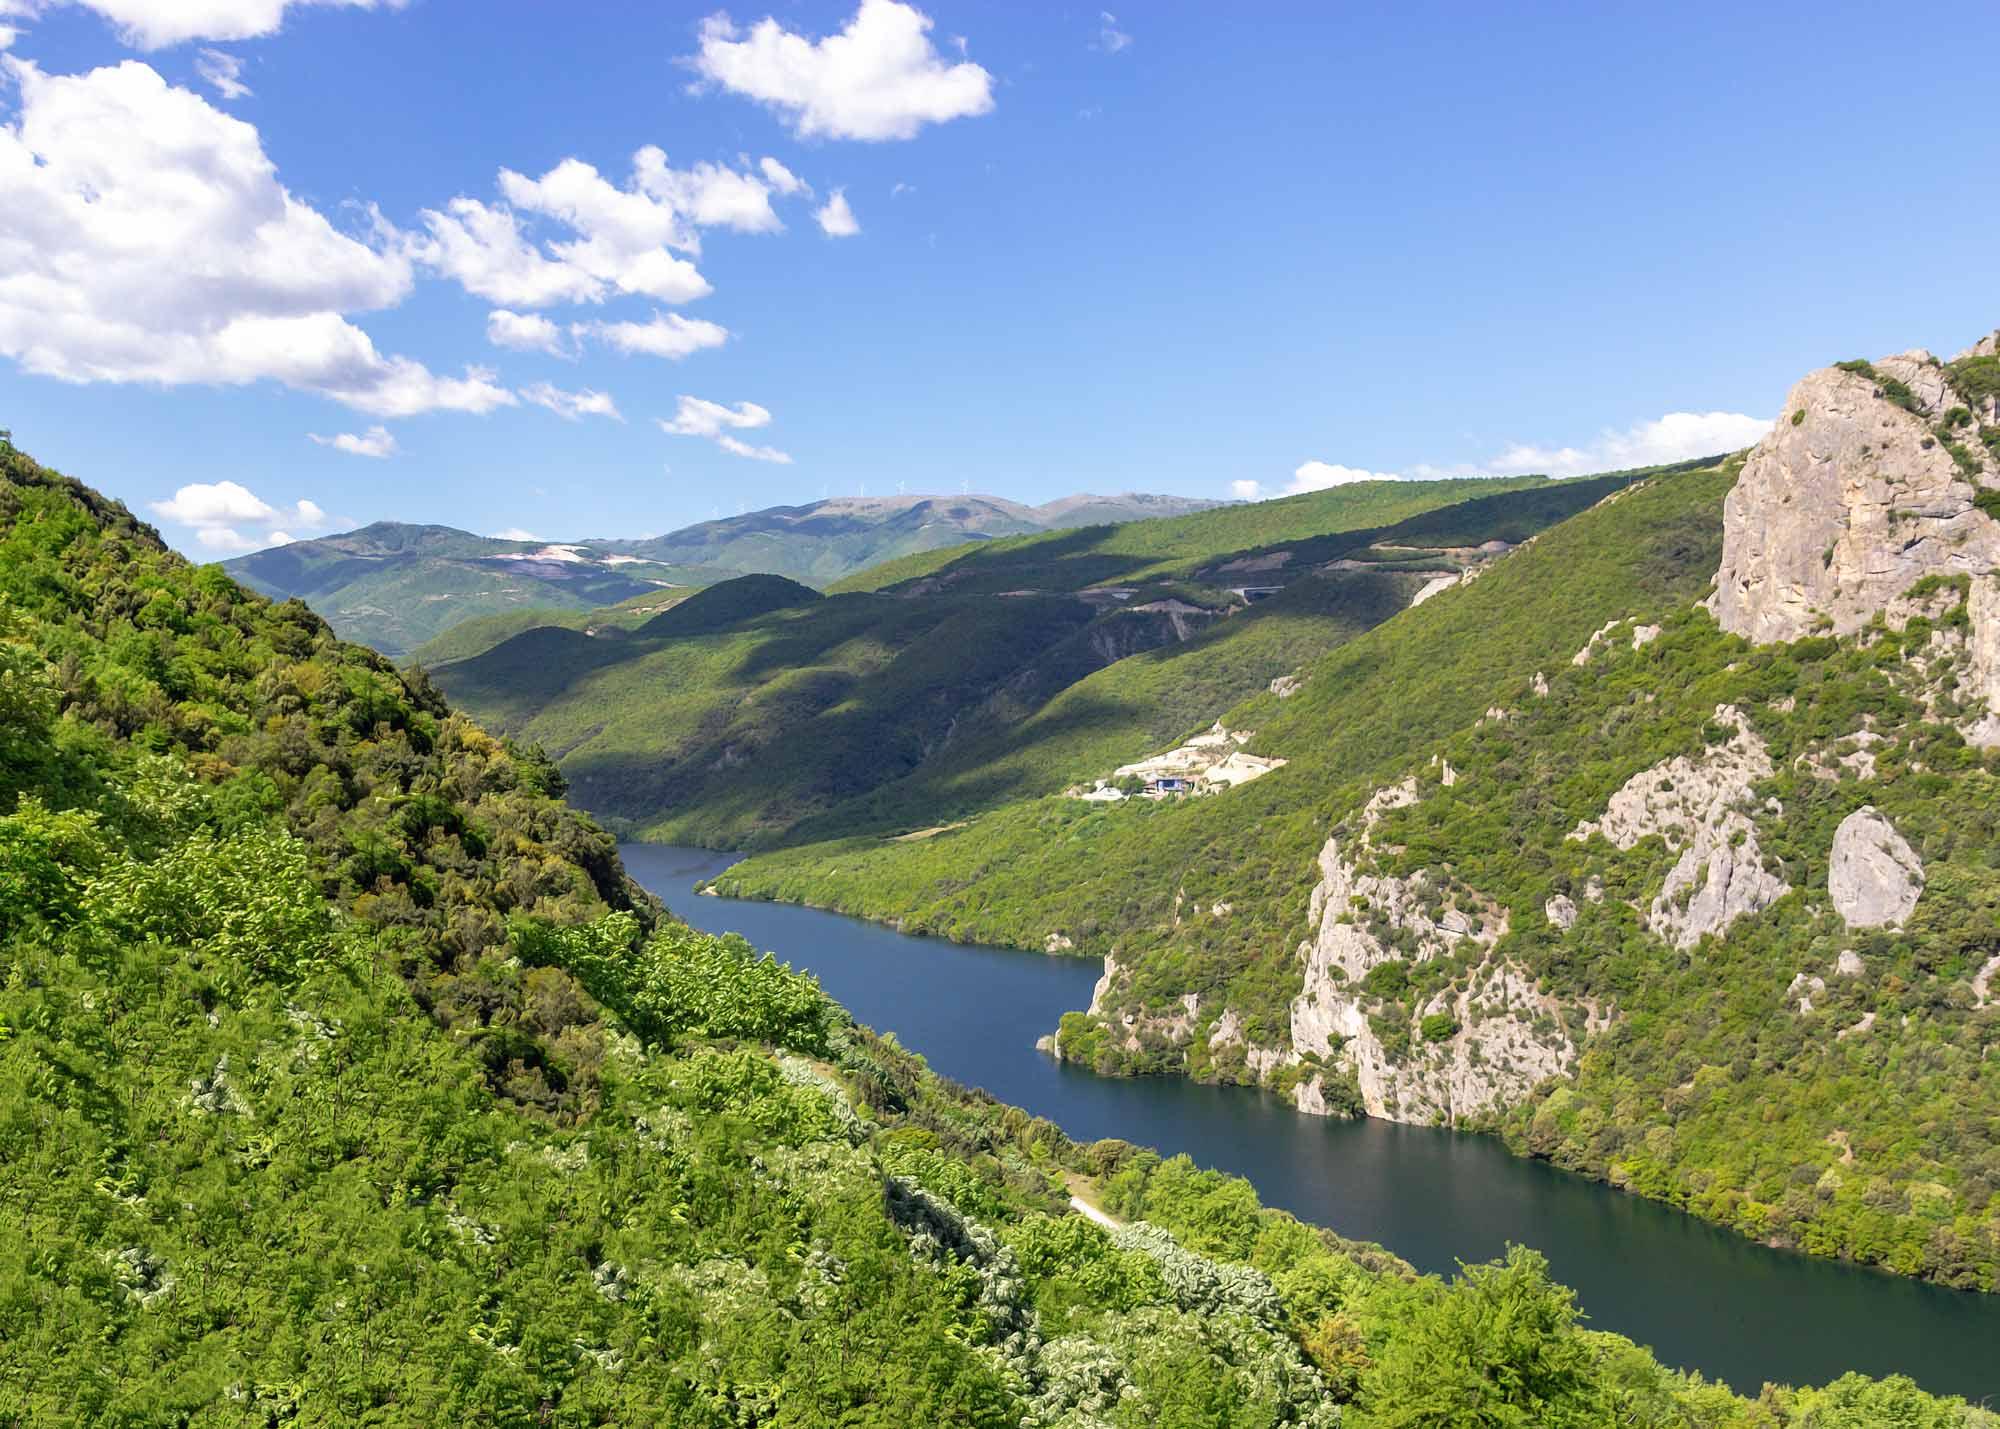 фотоотчет о поездке в македонию данным рен тв